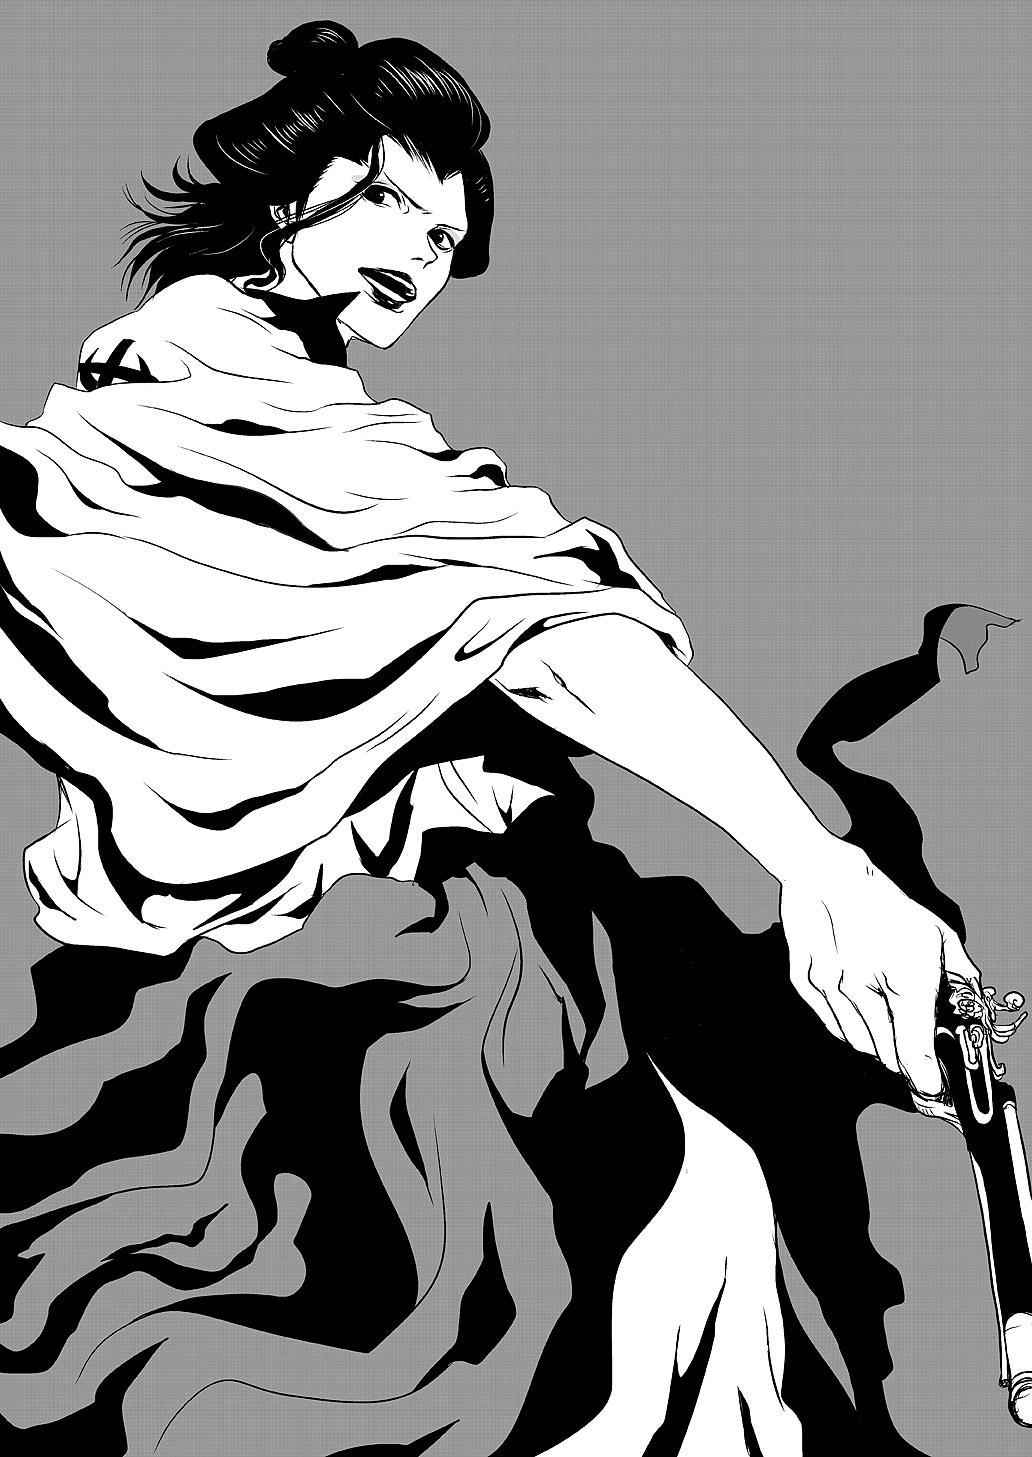 Izo - ONE PIECE - Image #1195901 - Zerochan Anime Image Board